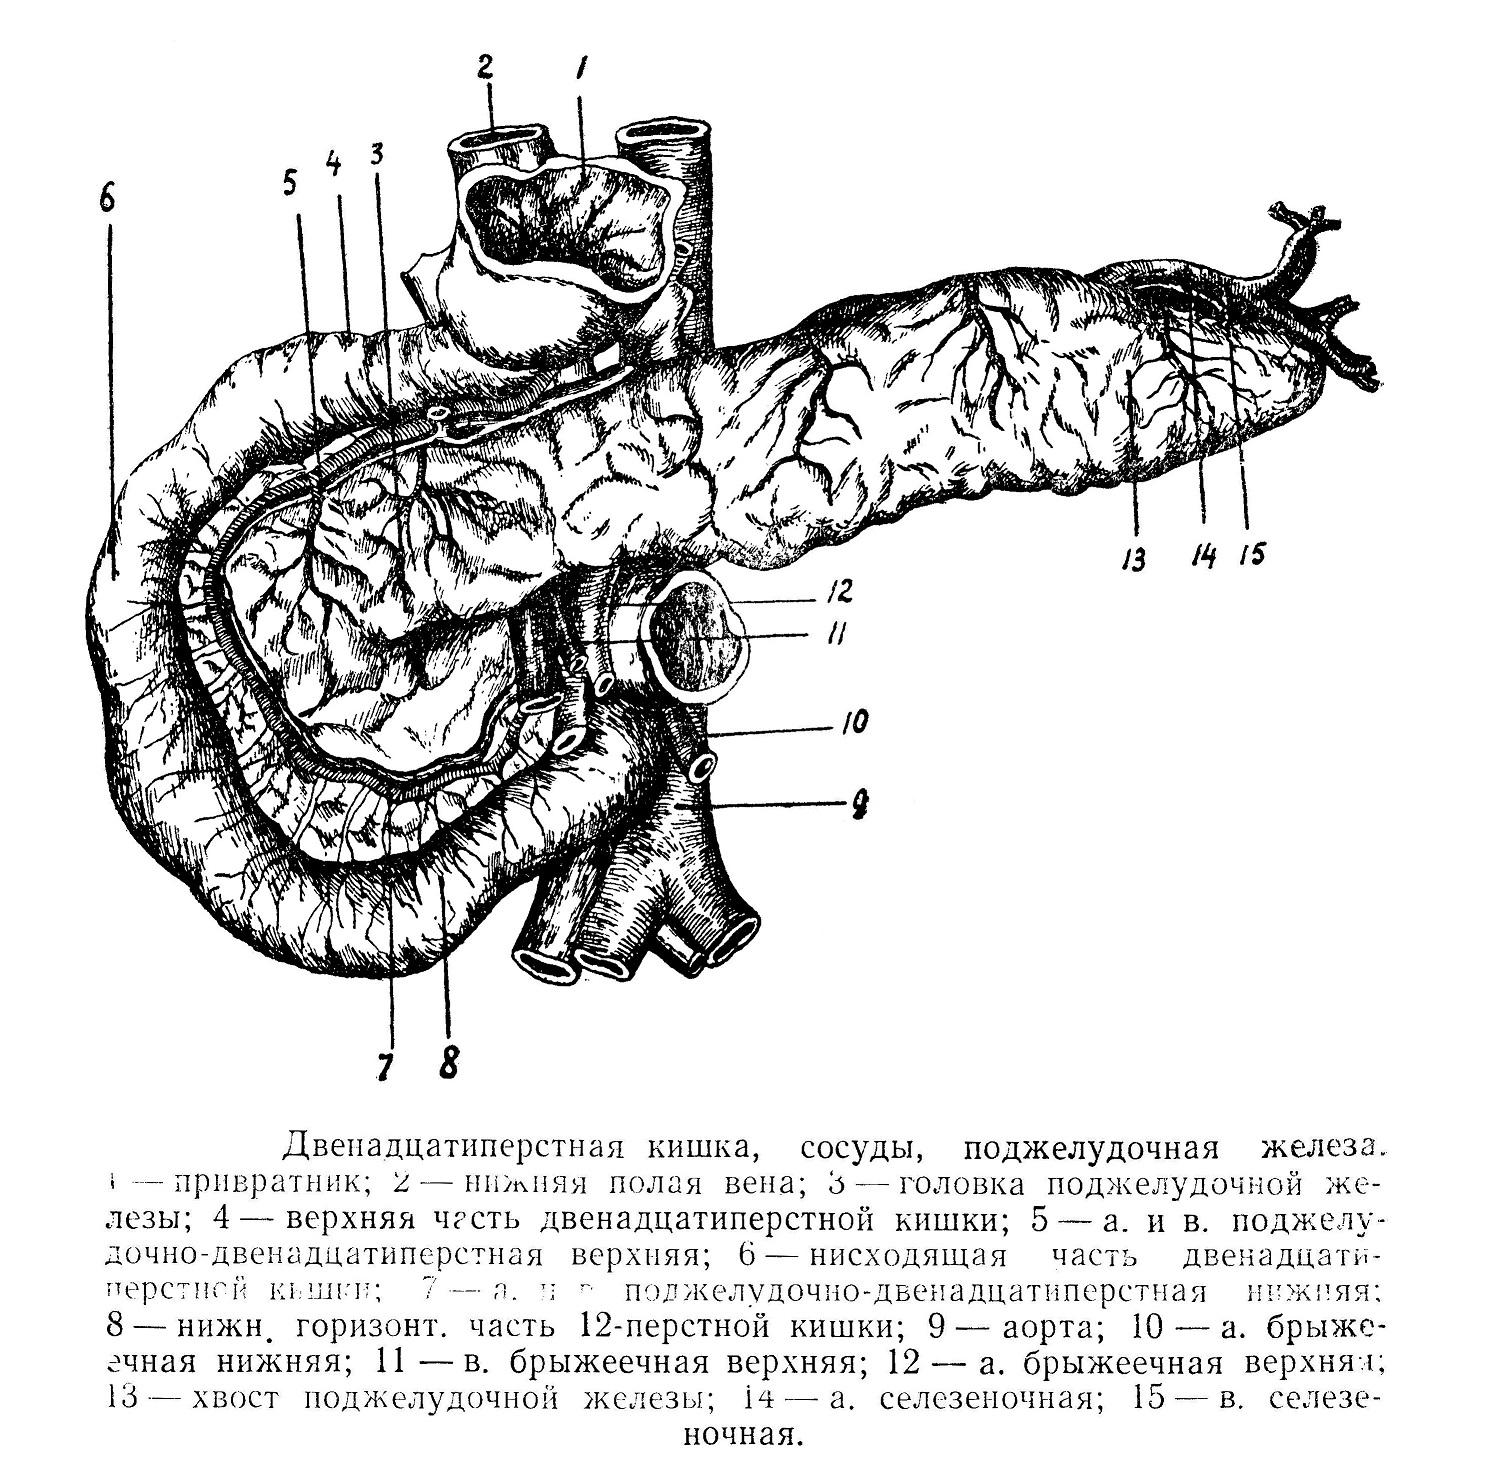 Двенадцатиперстная кишка, сосуды, поджелудочная железа